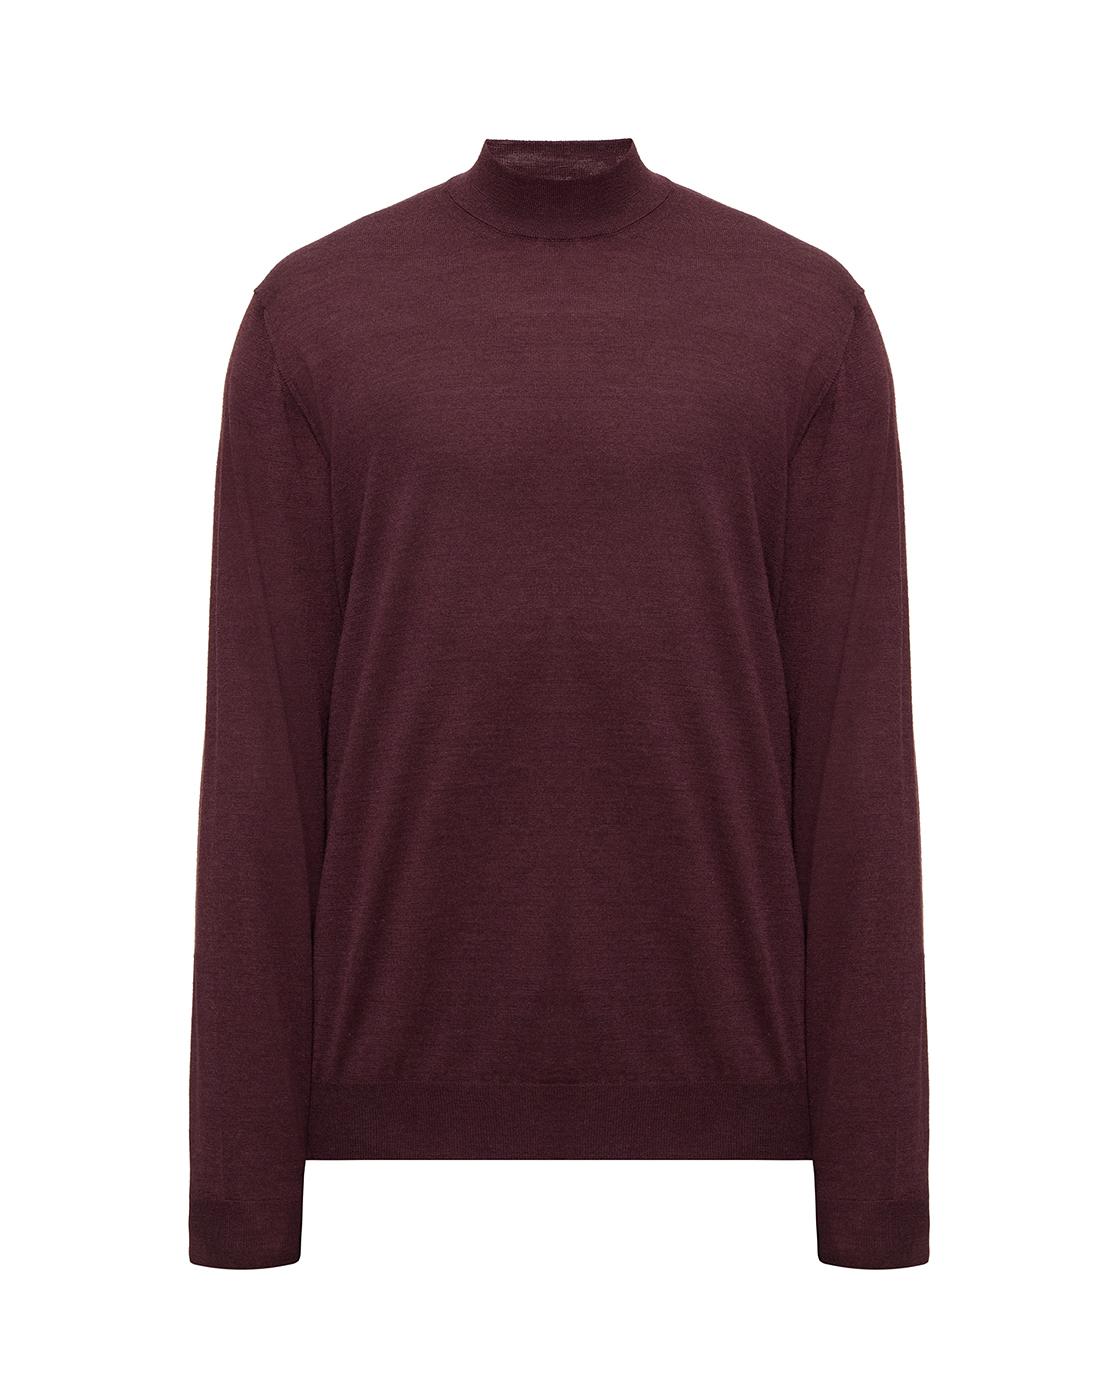 Мужской бордовый шерстяной свитер Dalmine S797020 835-1